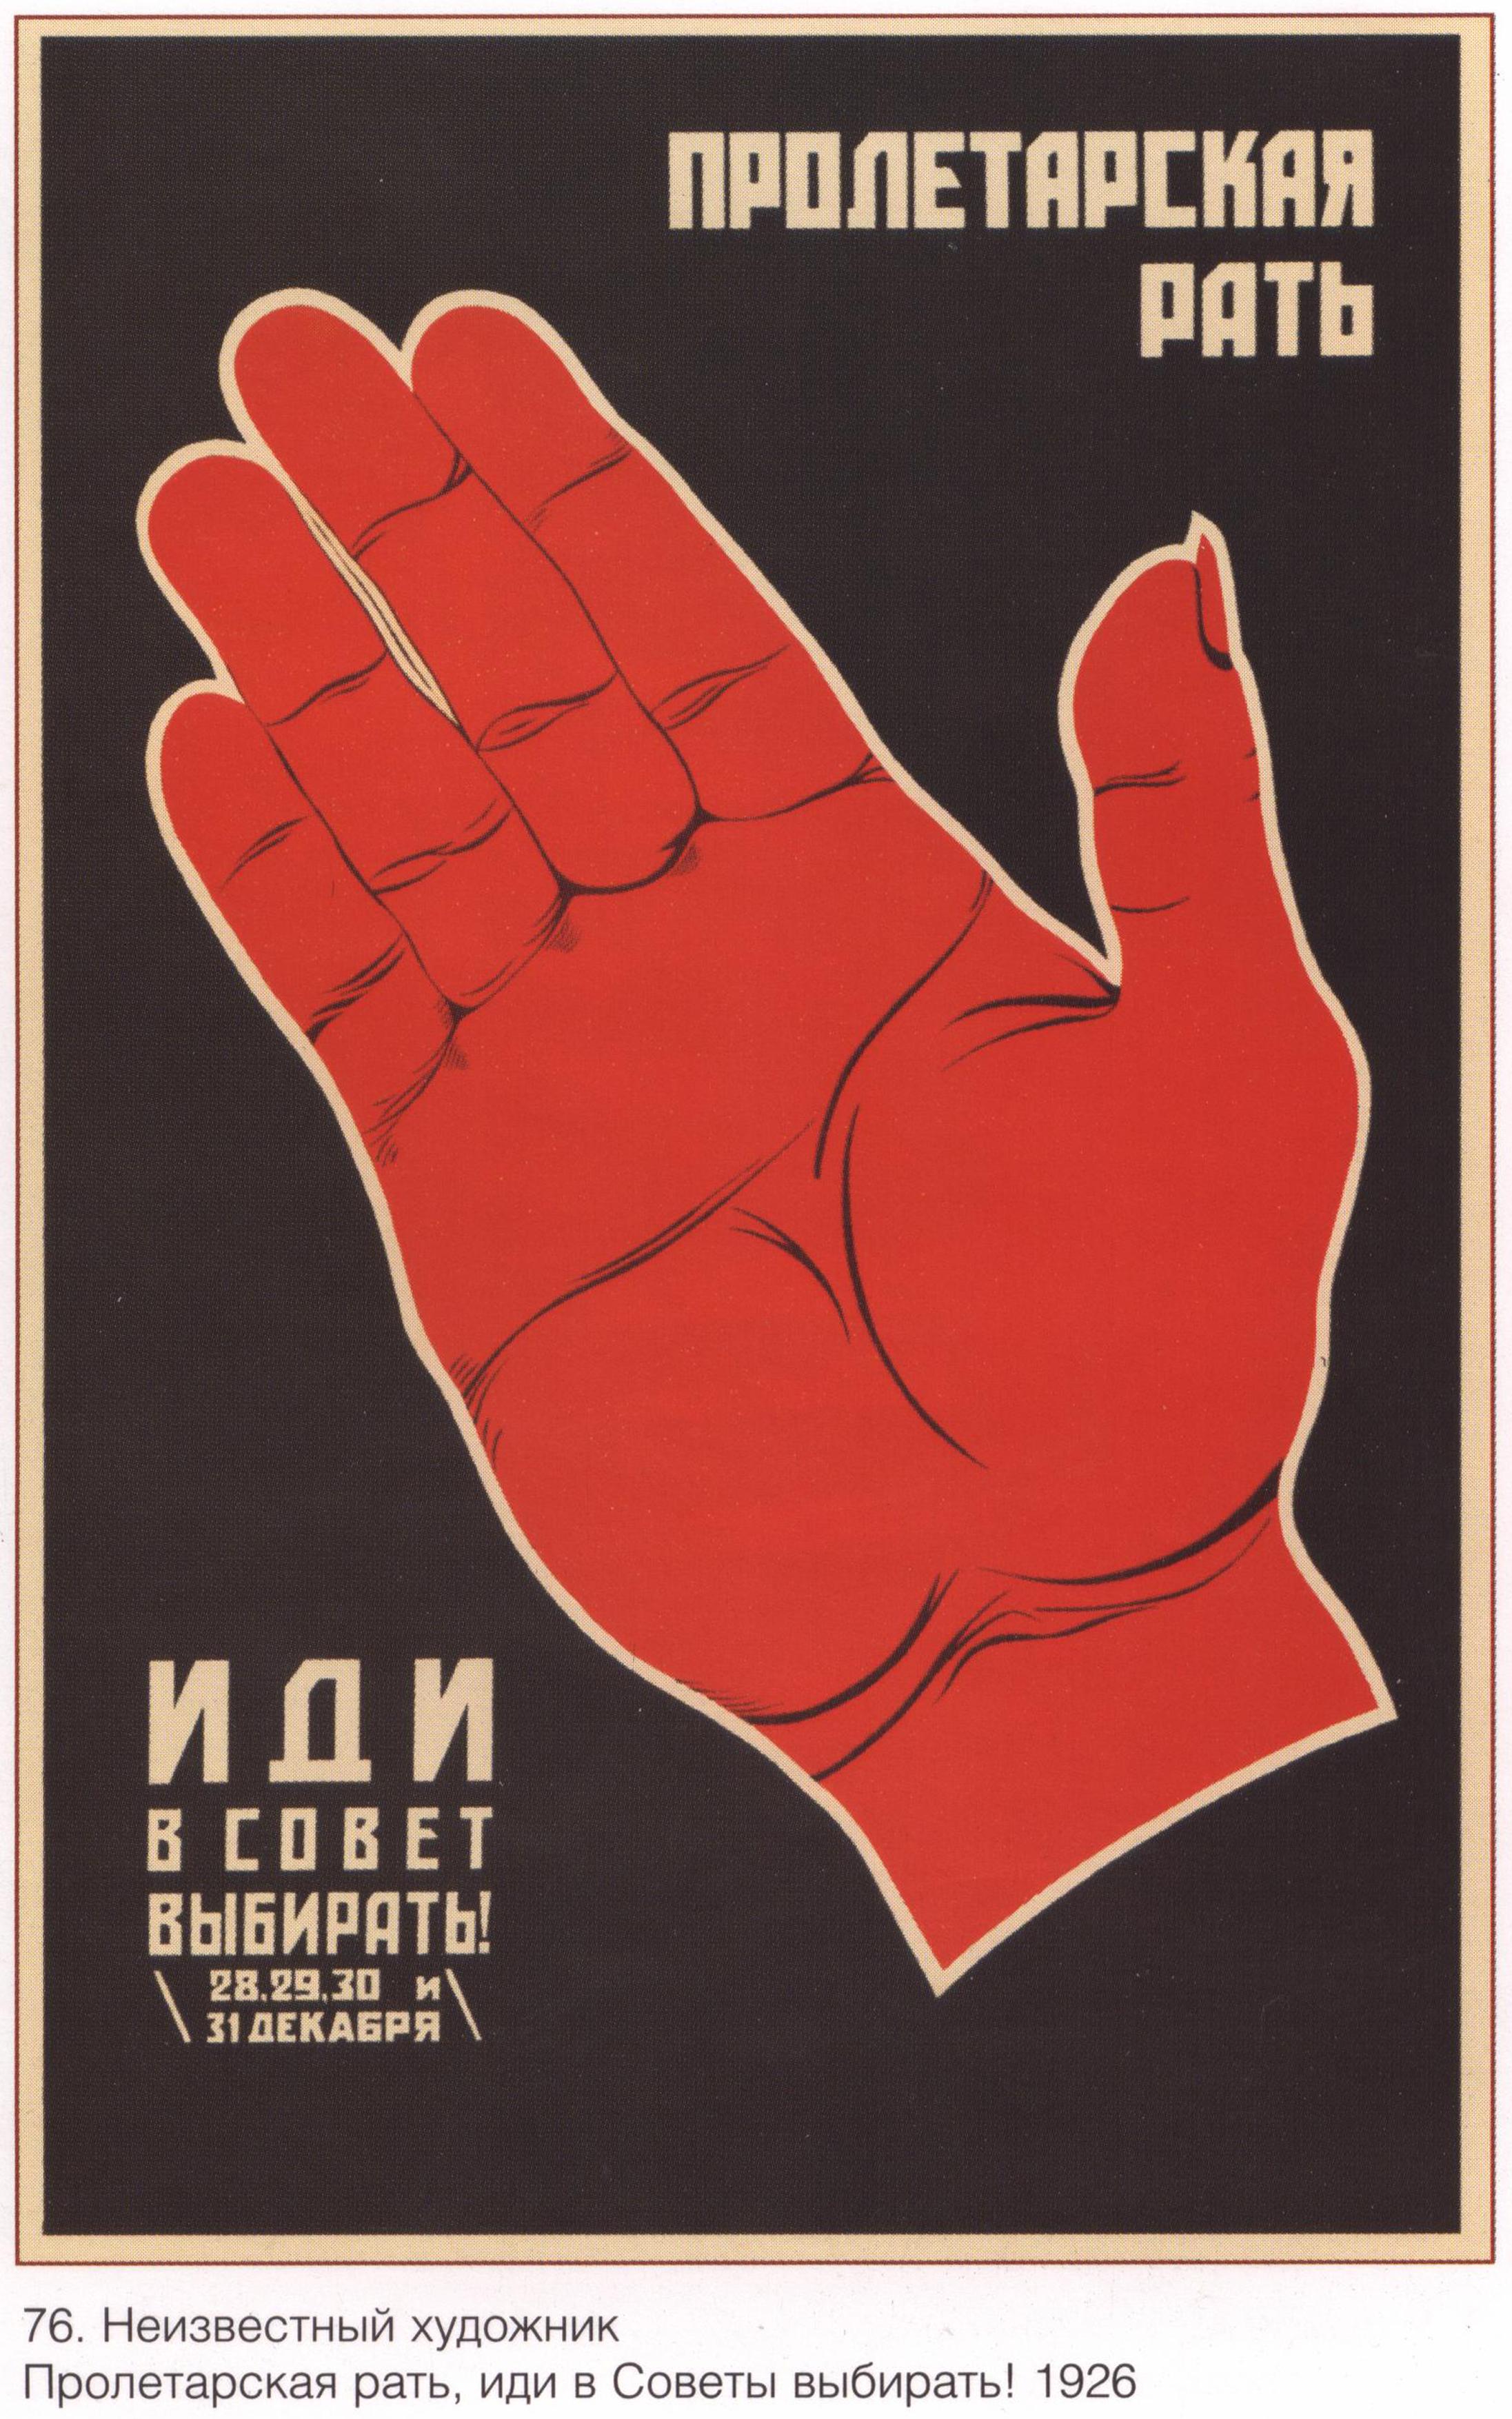 Communism Promotion Posters Советские плакаты на www.pozdravleniya.biz.